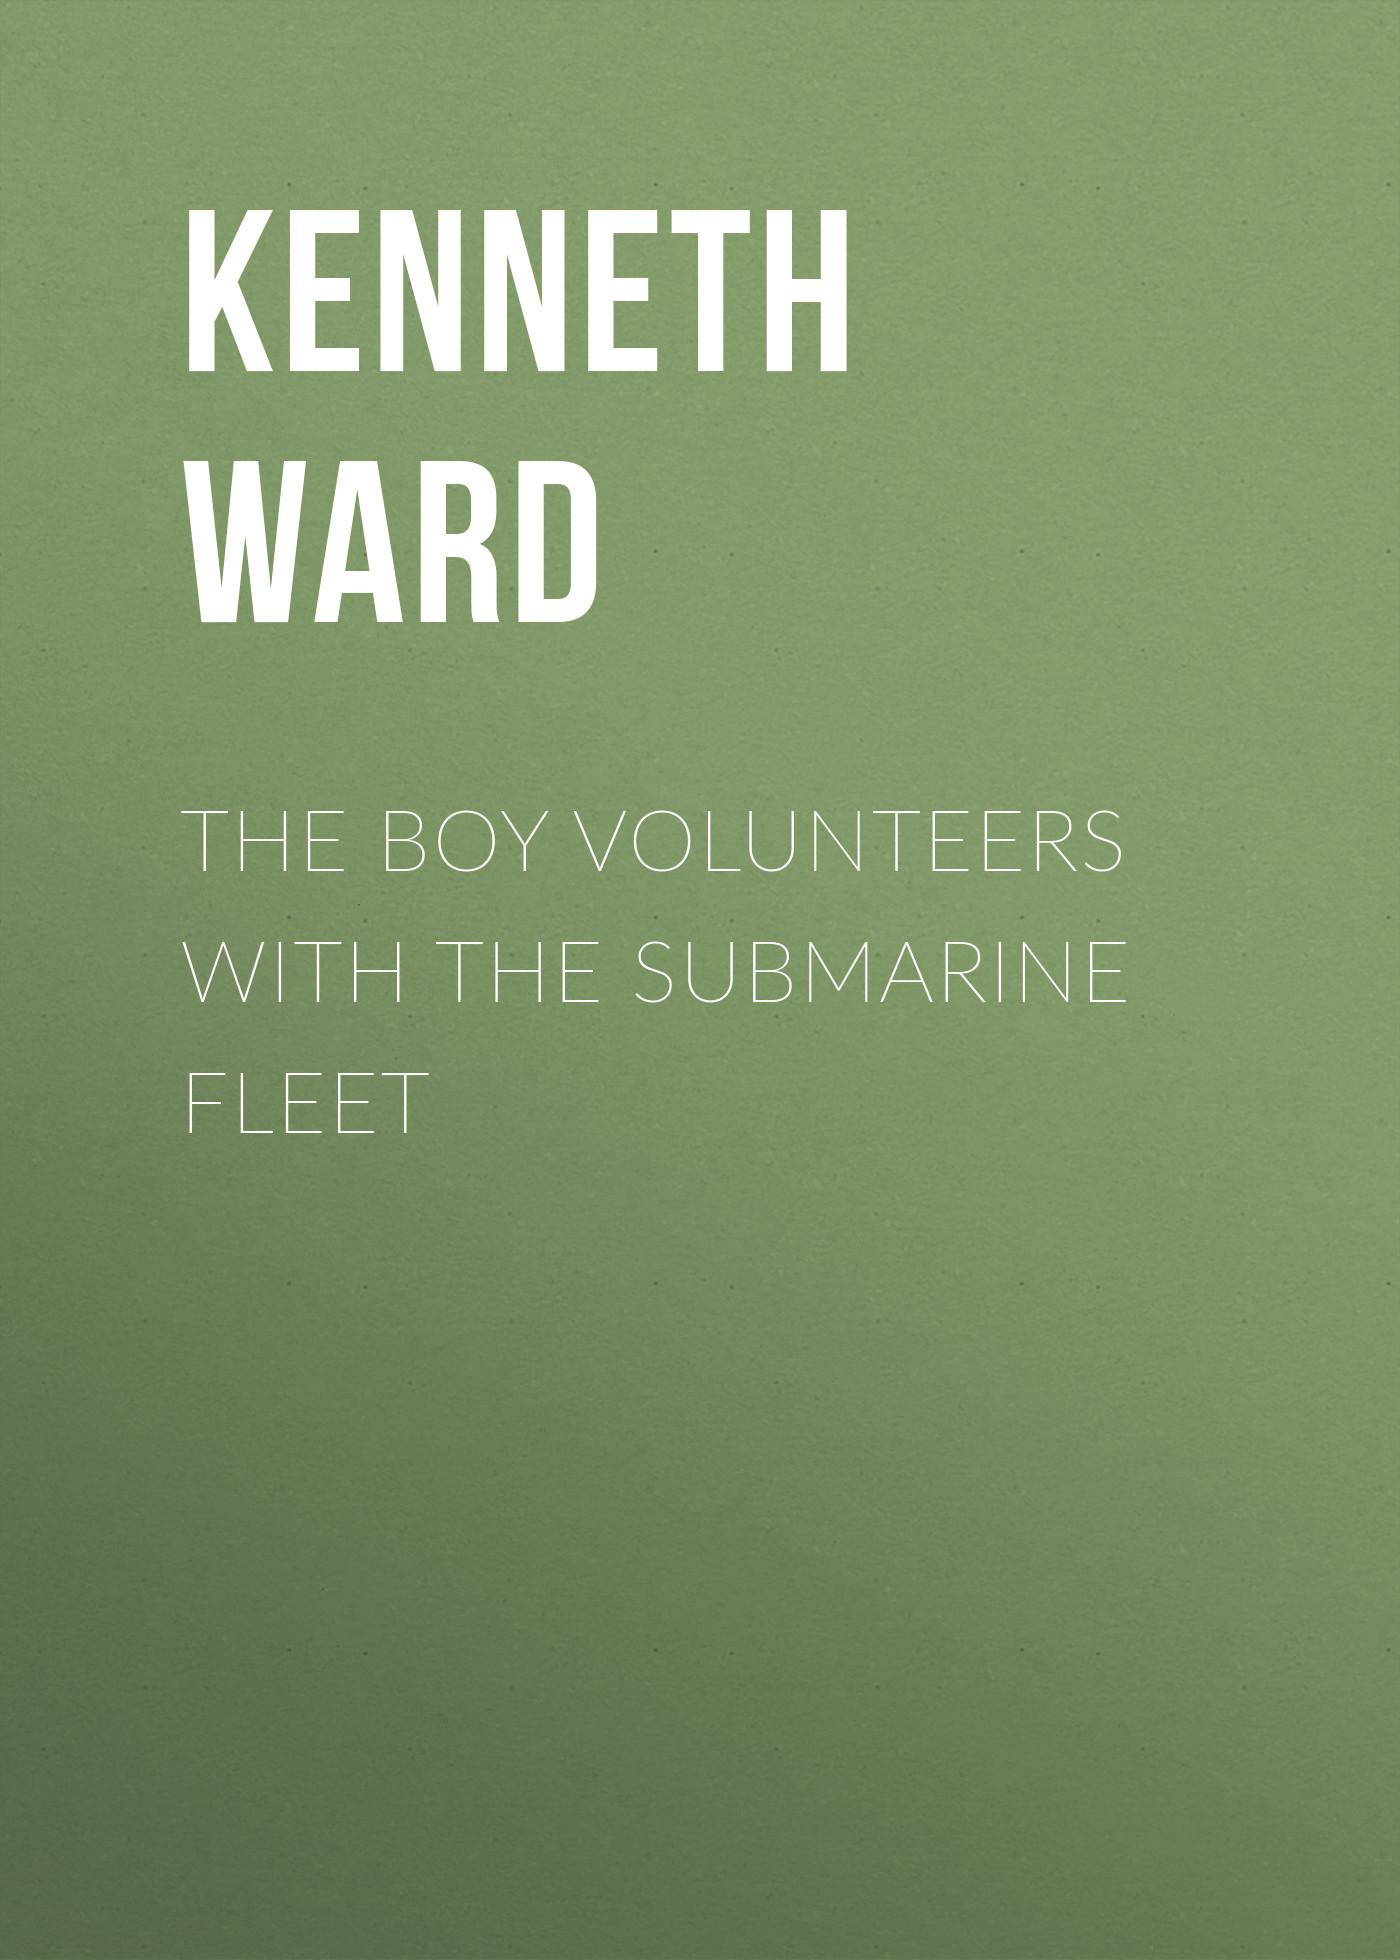 где купить Kenneth Ward The Boy Volunteers with the Submarine Fleet по лучшей цене